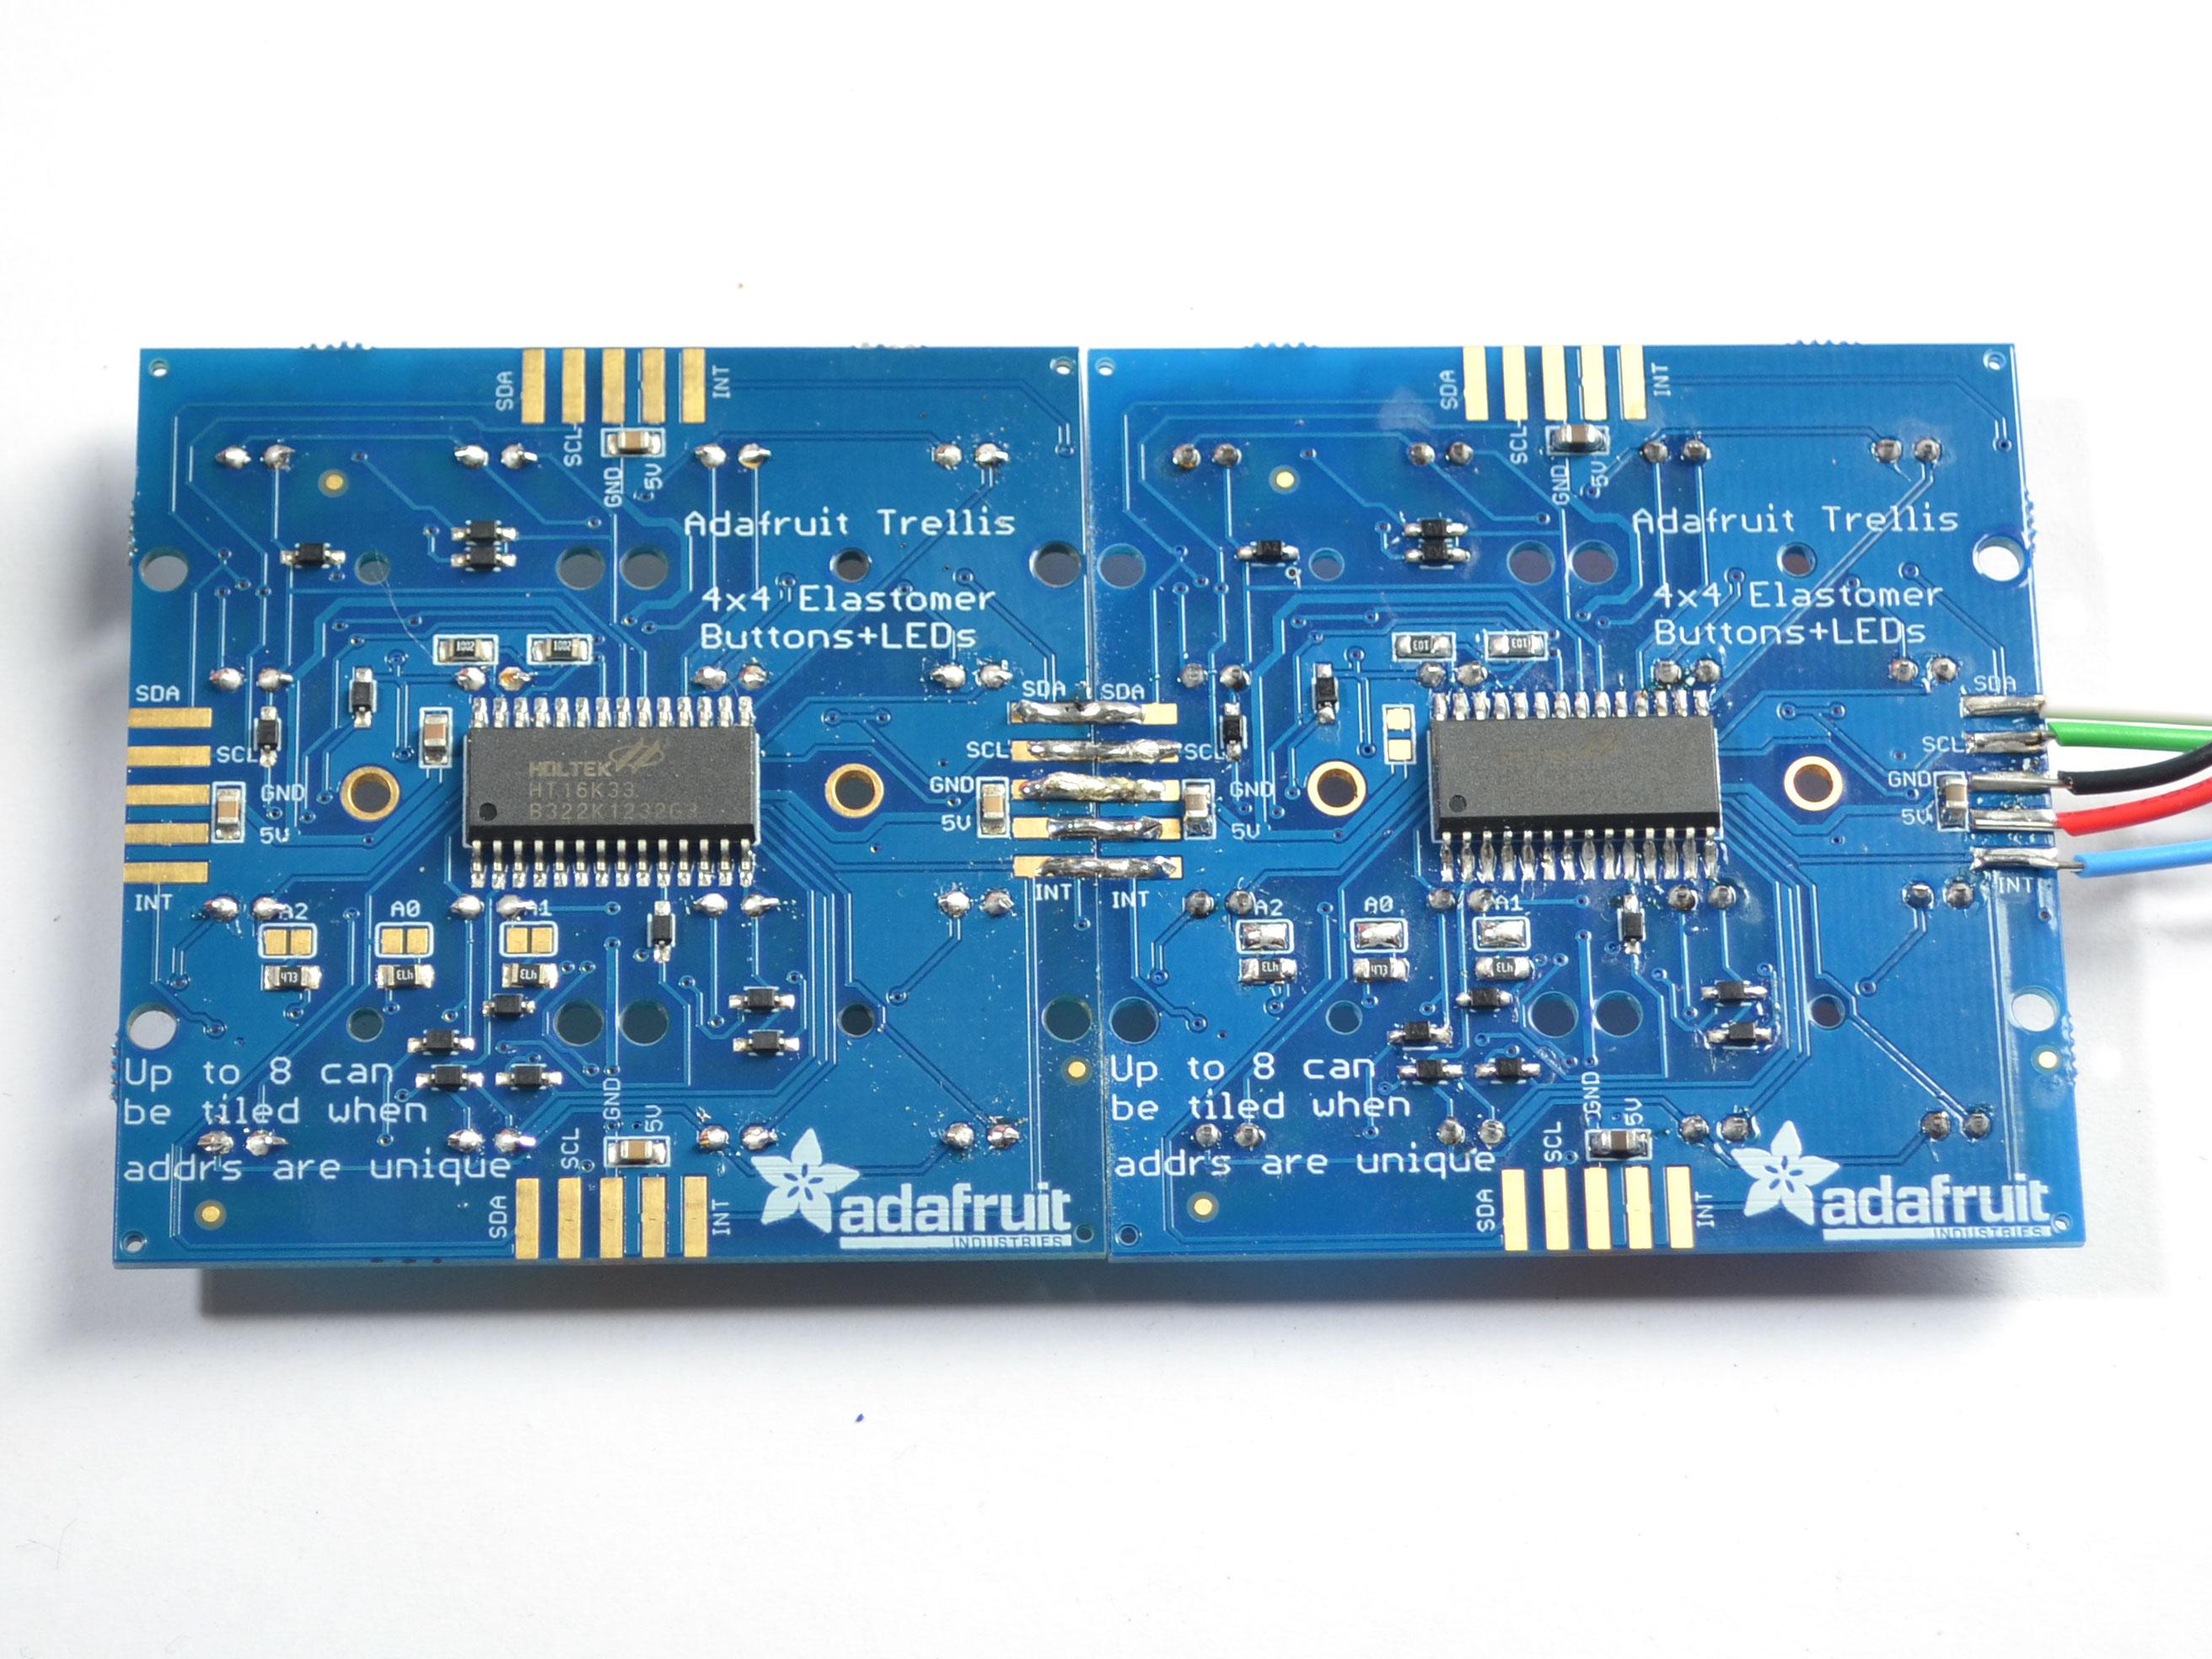 adafruit_products_tiledone.jpg